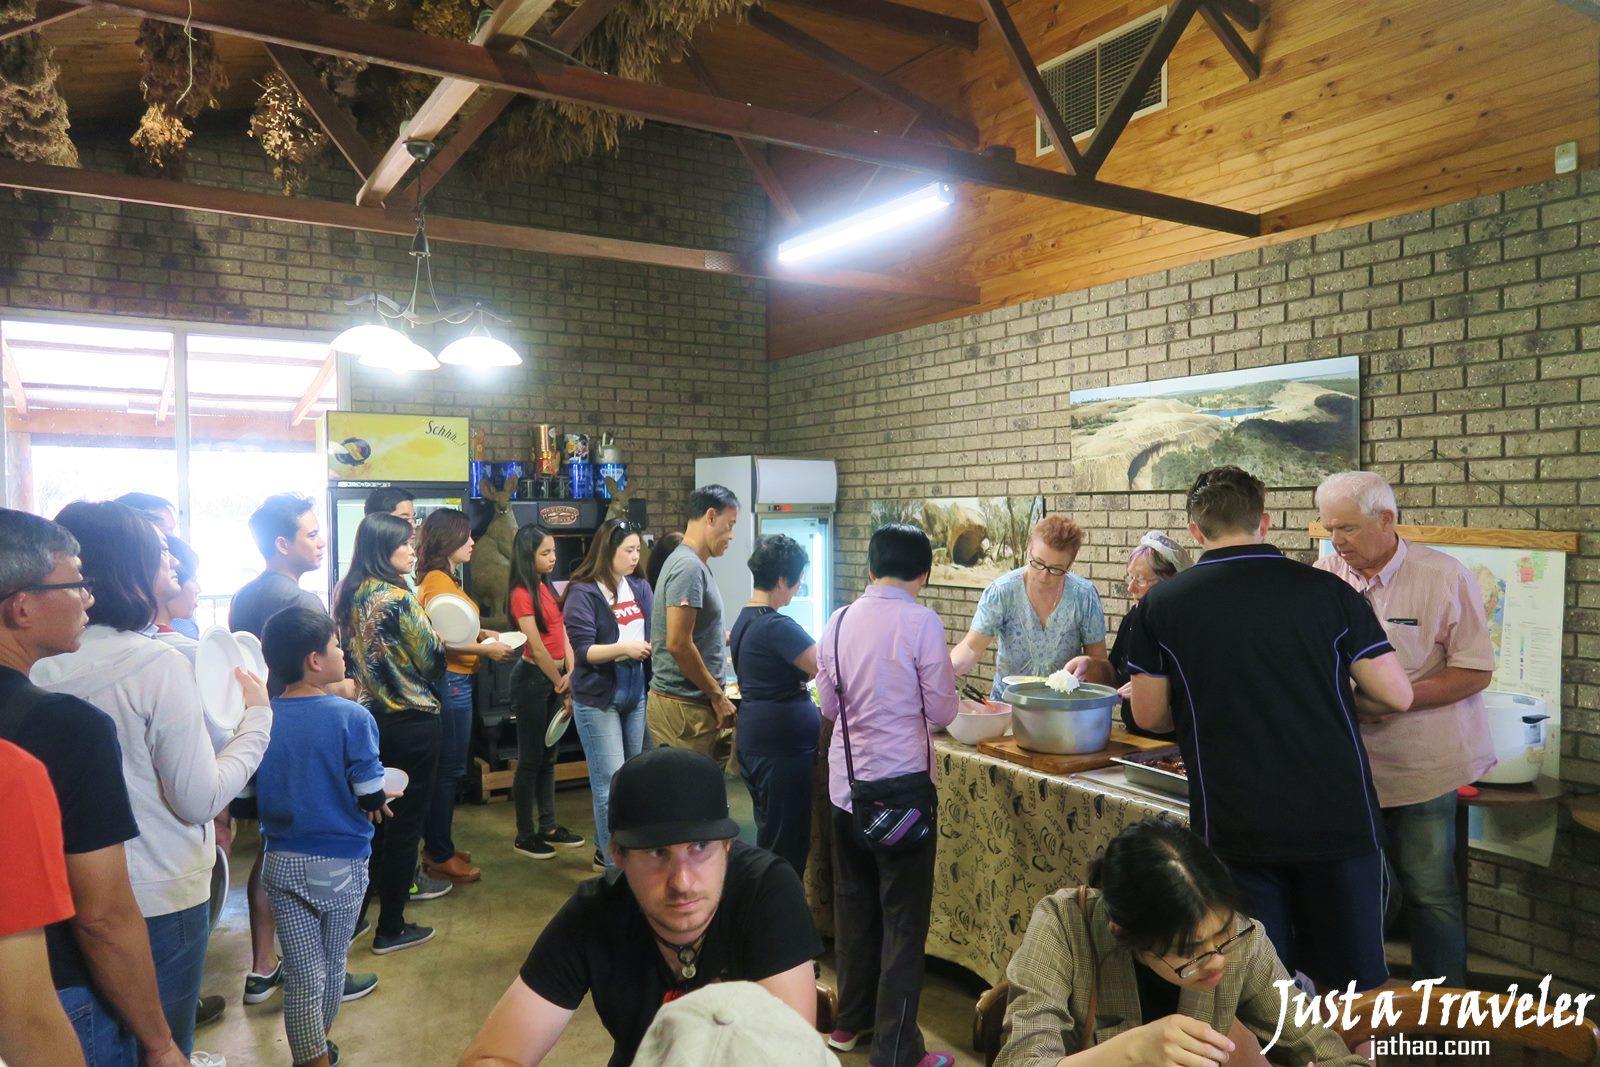 澳洲-西澳-伯斯-推薦-景點-波浪岩-餐廳-自由行-旅遊-行程-一日遊-二日遊-遊記-旅遊-觀光-Australia-Perth-Wave-Rock